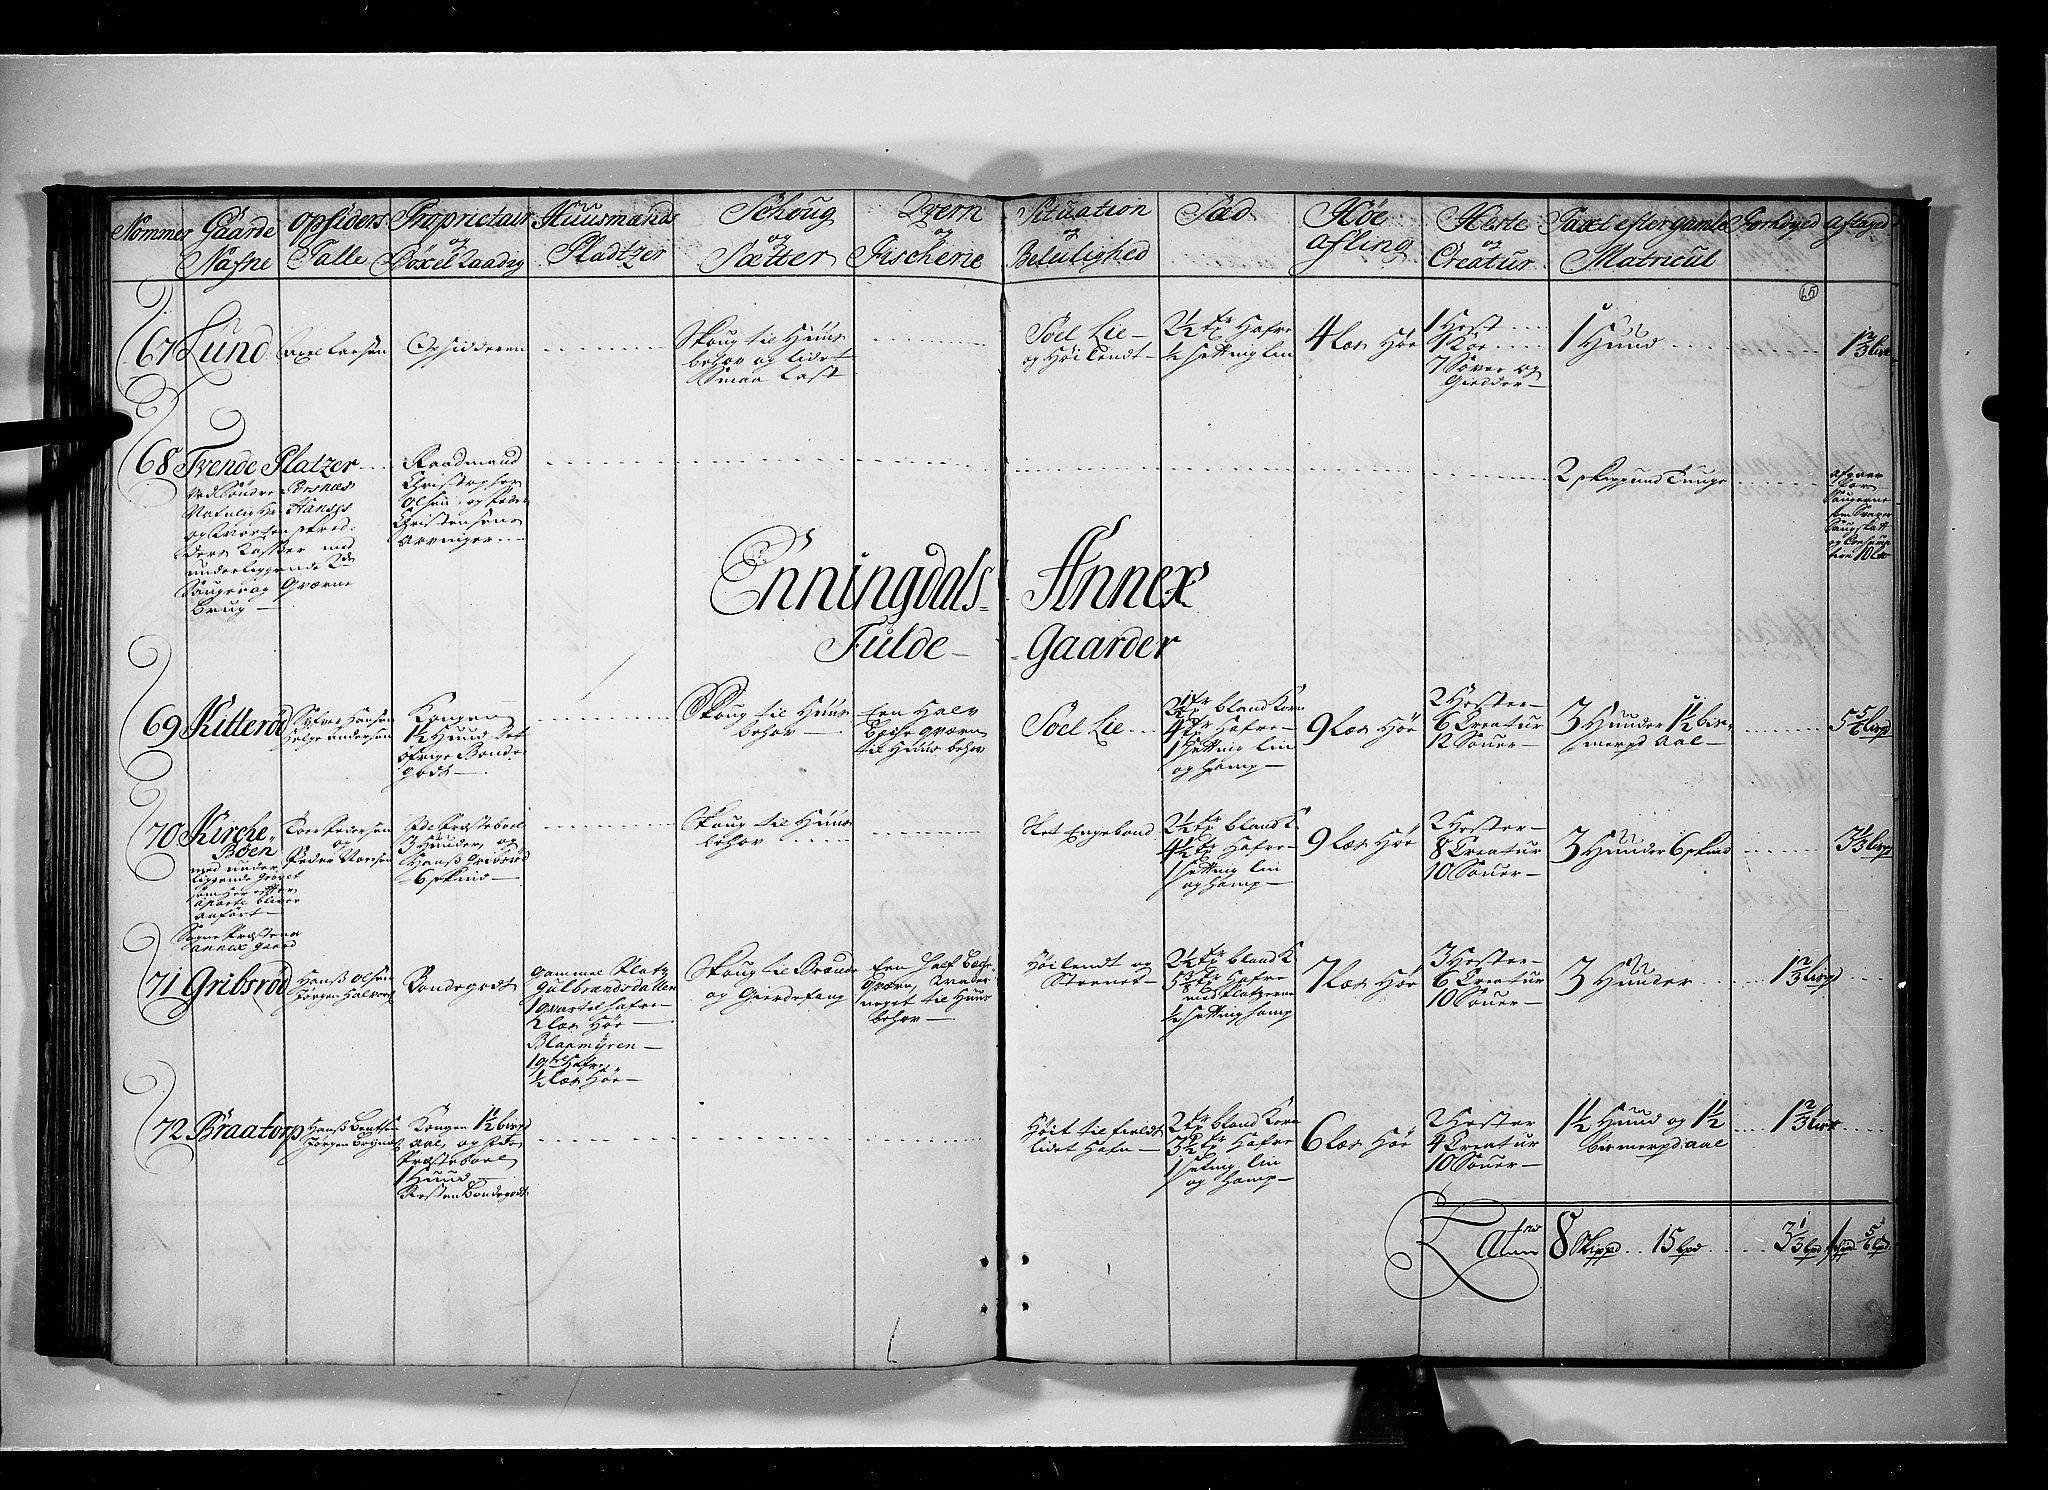 RA, Rentekammeret inntil 1814, Realistisk ordnet avdeling, N/Nb/Nbf/L0097: Idd og Marker eksaminasjonsprotokoll, 1723, s. 64b-65a